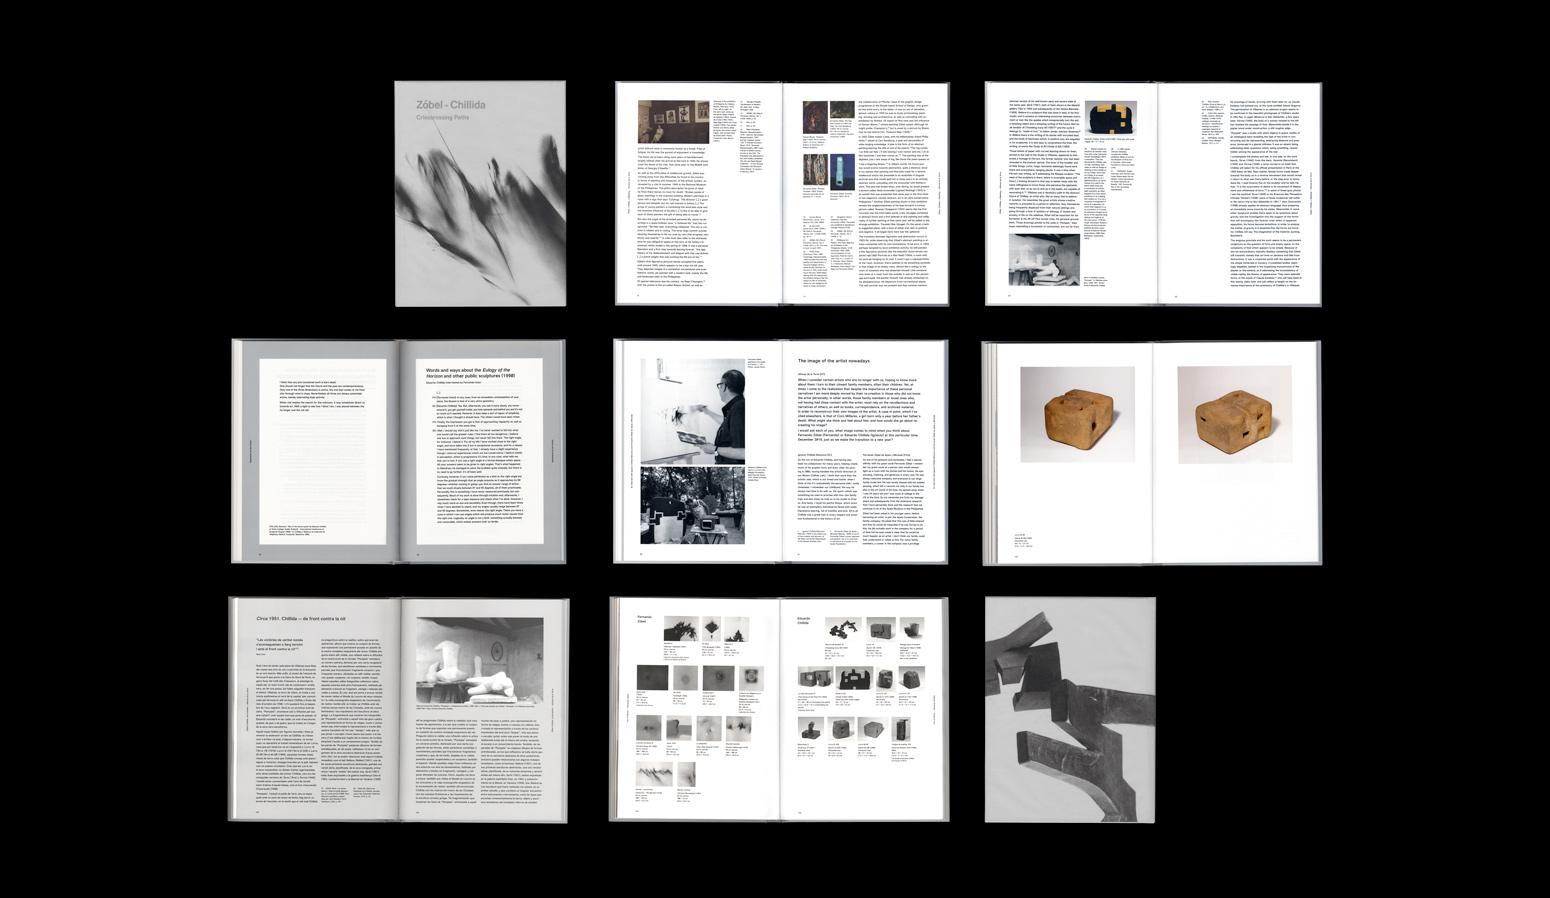 """Diseño de la publicación """"Zóbel-Chillida. Caminos cruzados."""" para Galería Mayoral. - dosgrapas"""